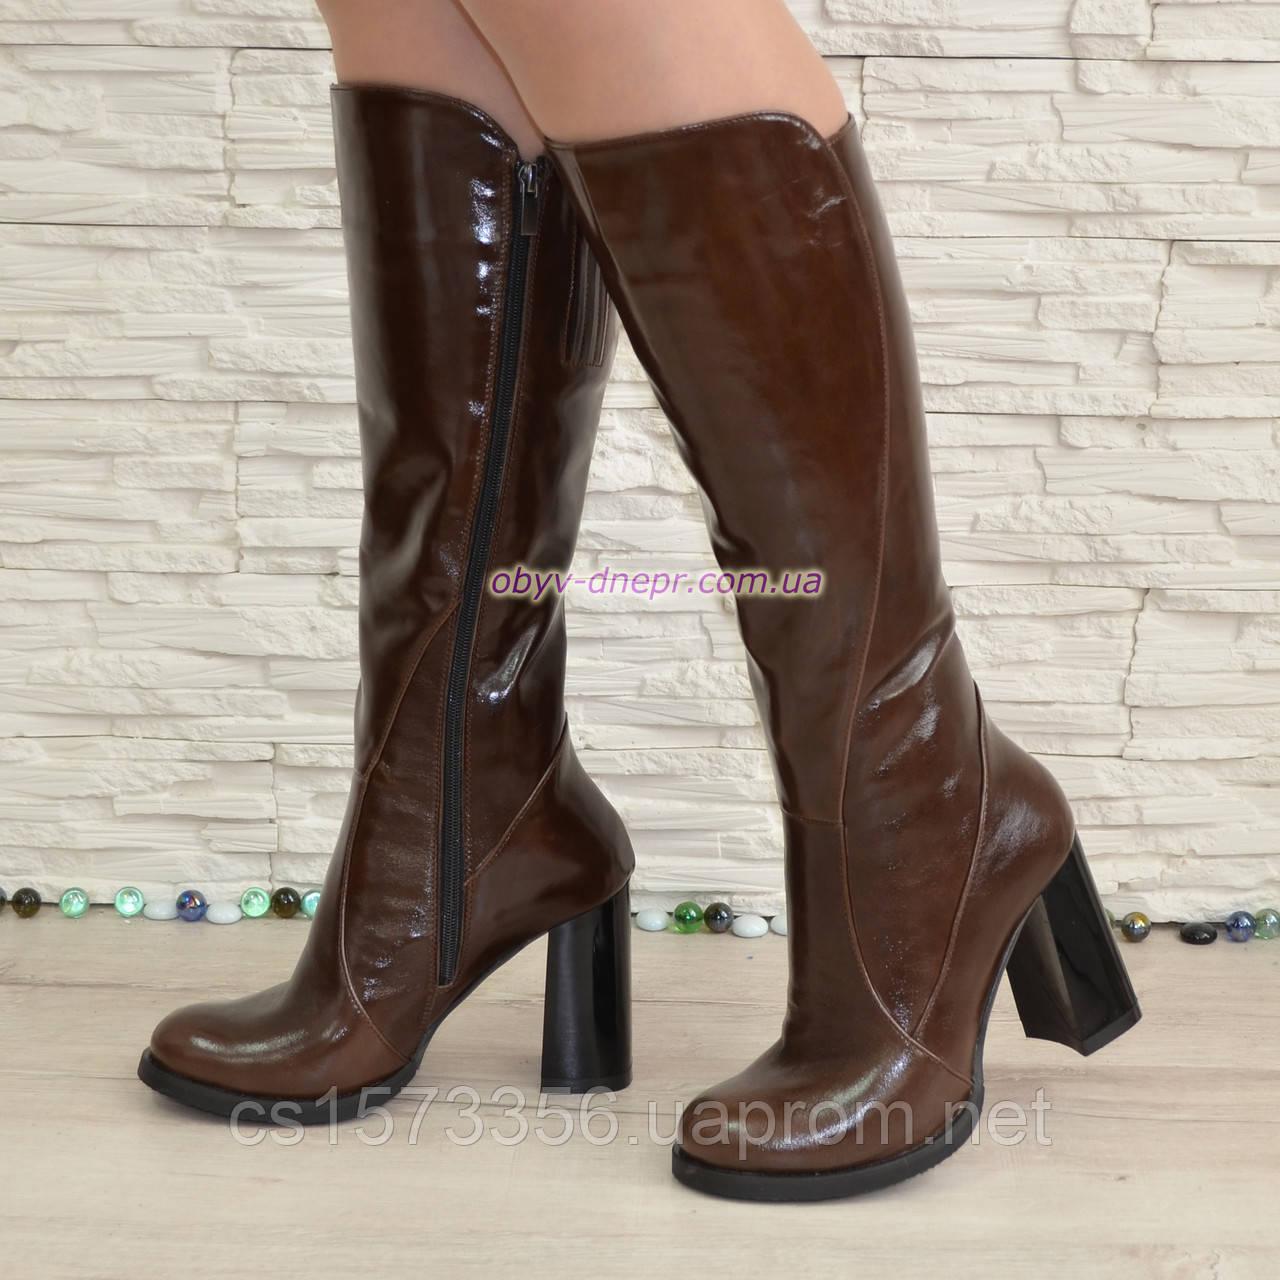 Сапоги женские кожаные демисезонные на высоком устойчивом каблуке, цвет коричневый.